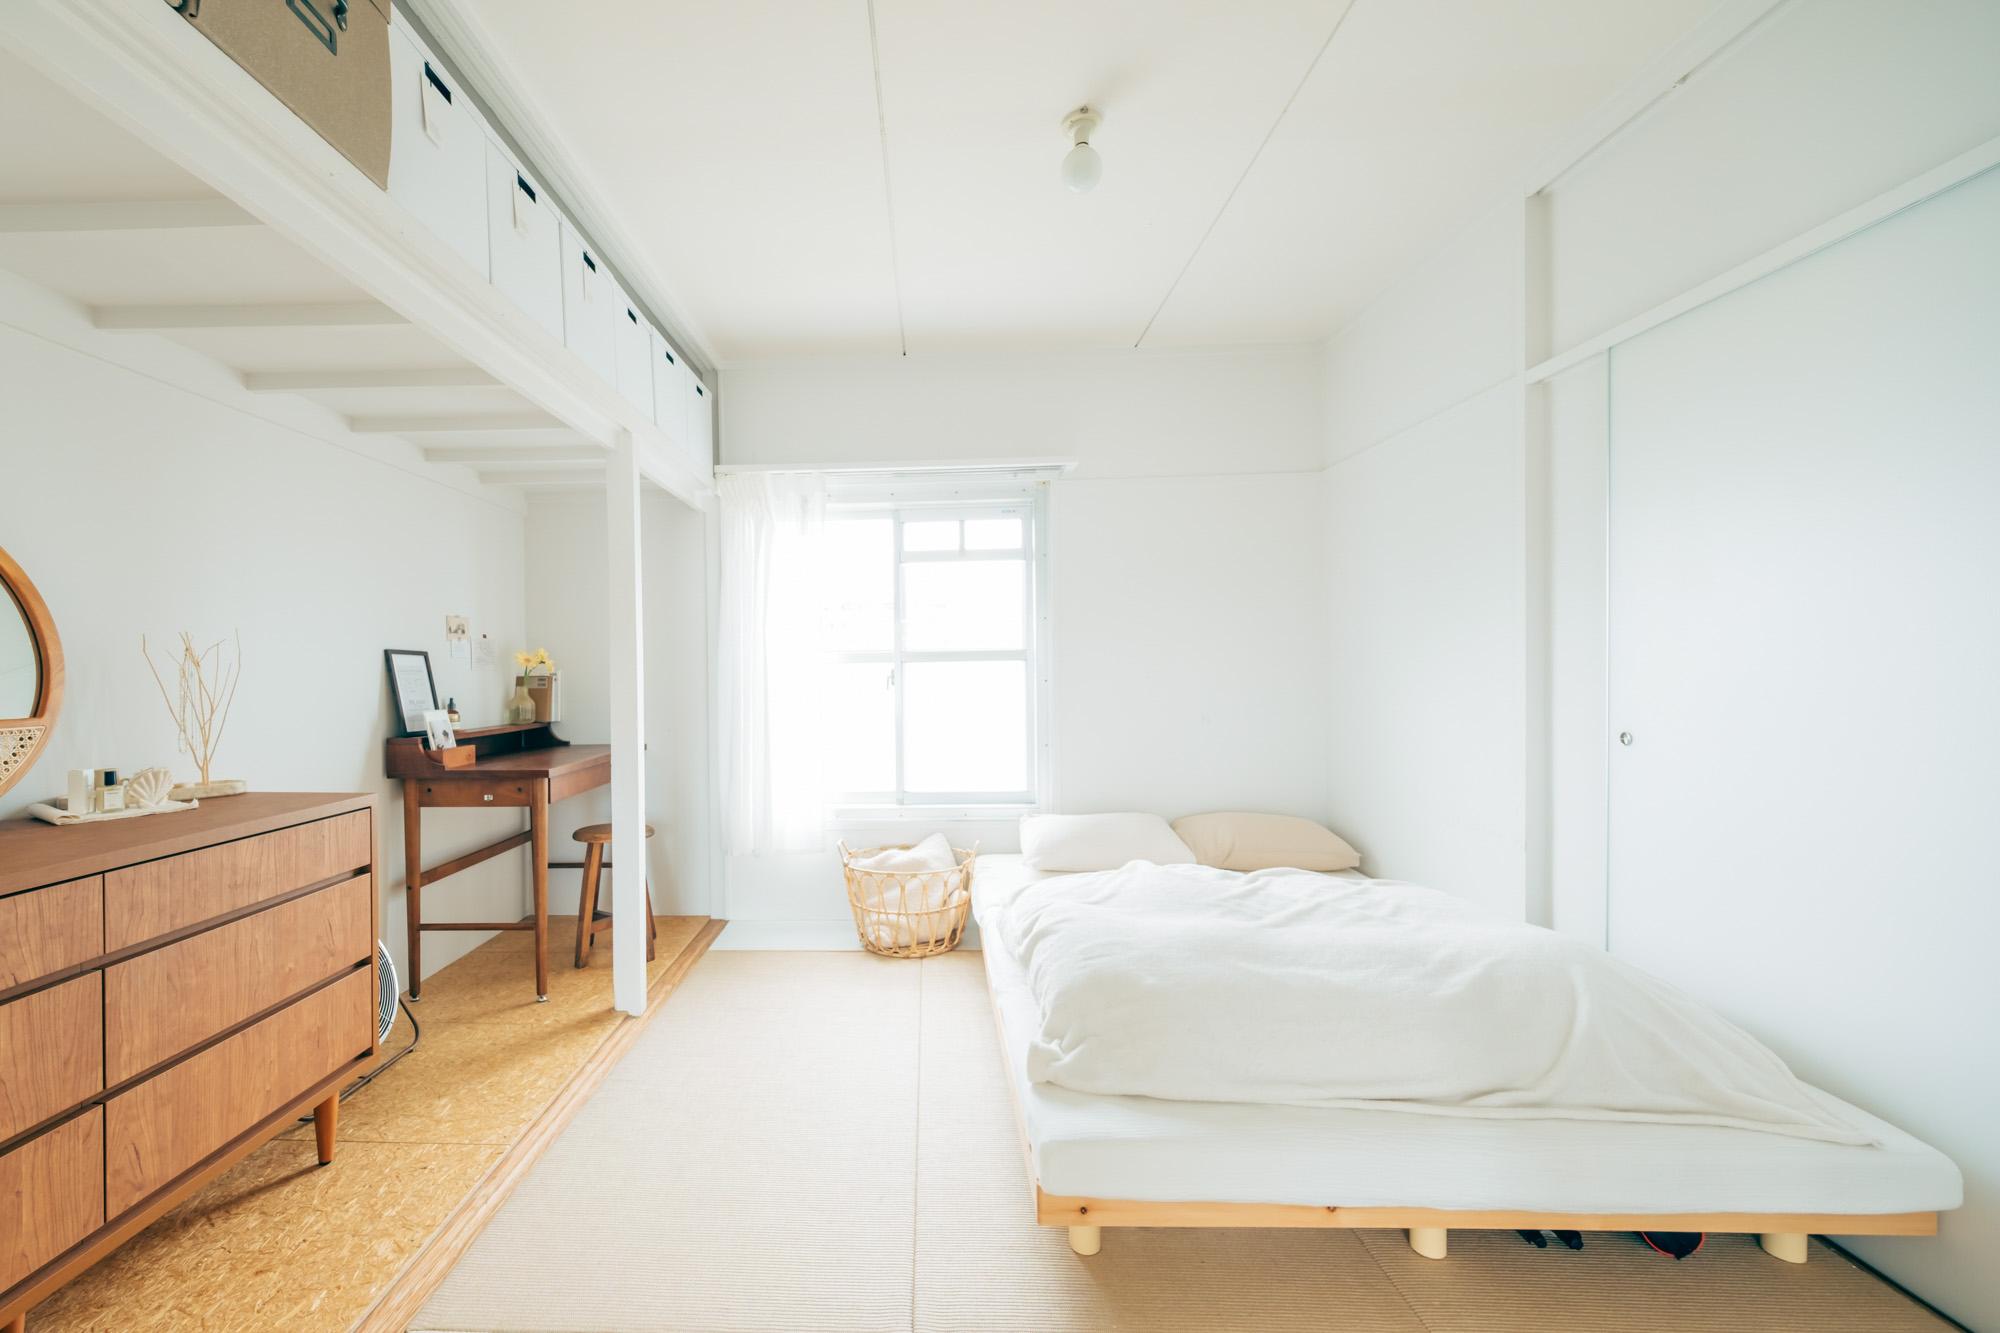 ダイニング・キッチンの隣の仕切りのない6畳のお部屋には、ベッドを置いて寝室兼リビングとして使われているお二人。Mioさんのデスクはこちらに。